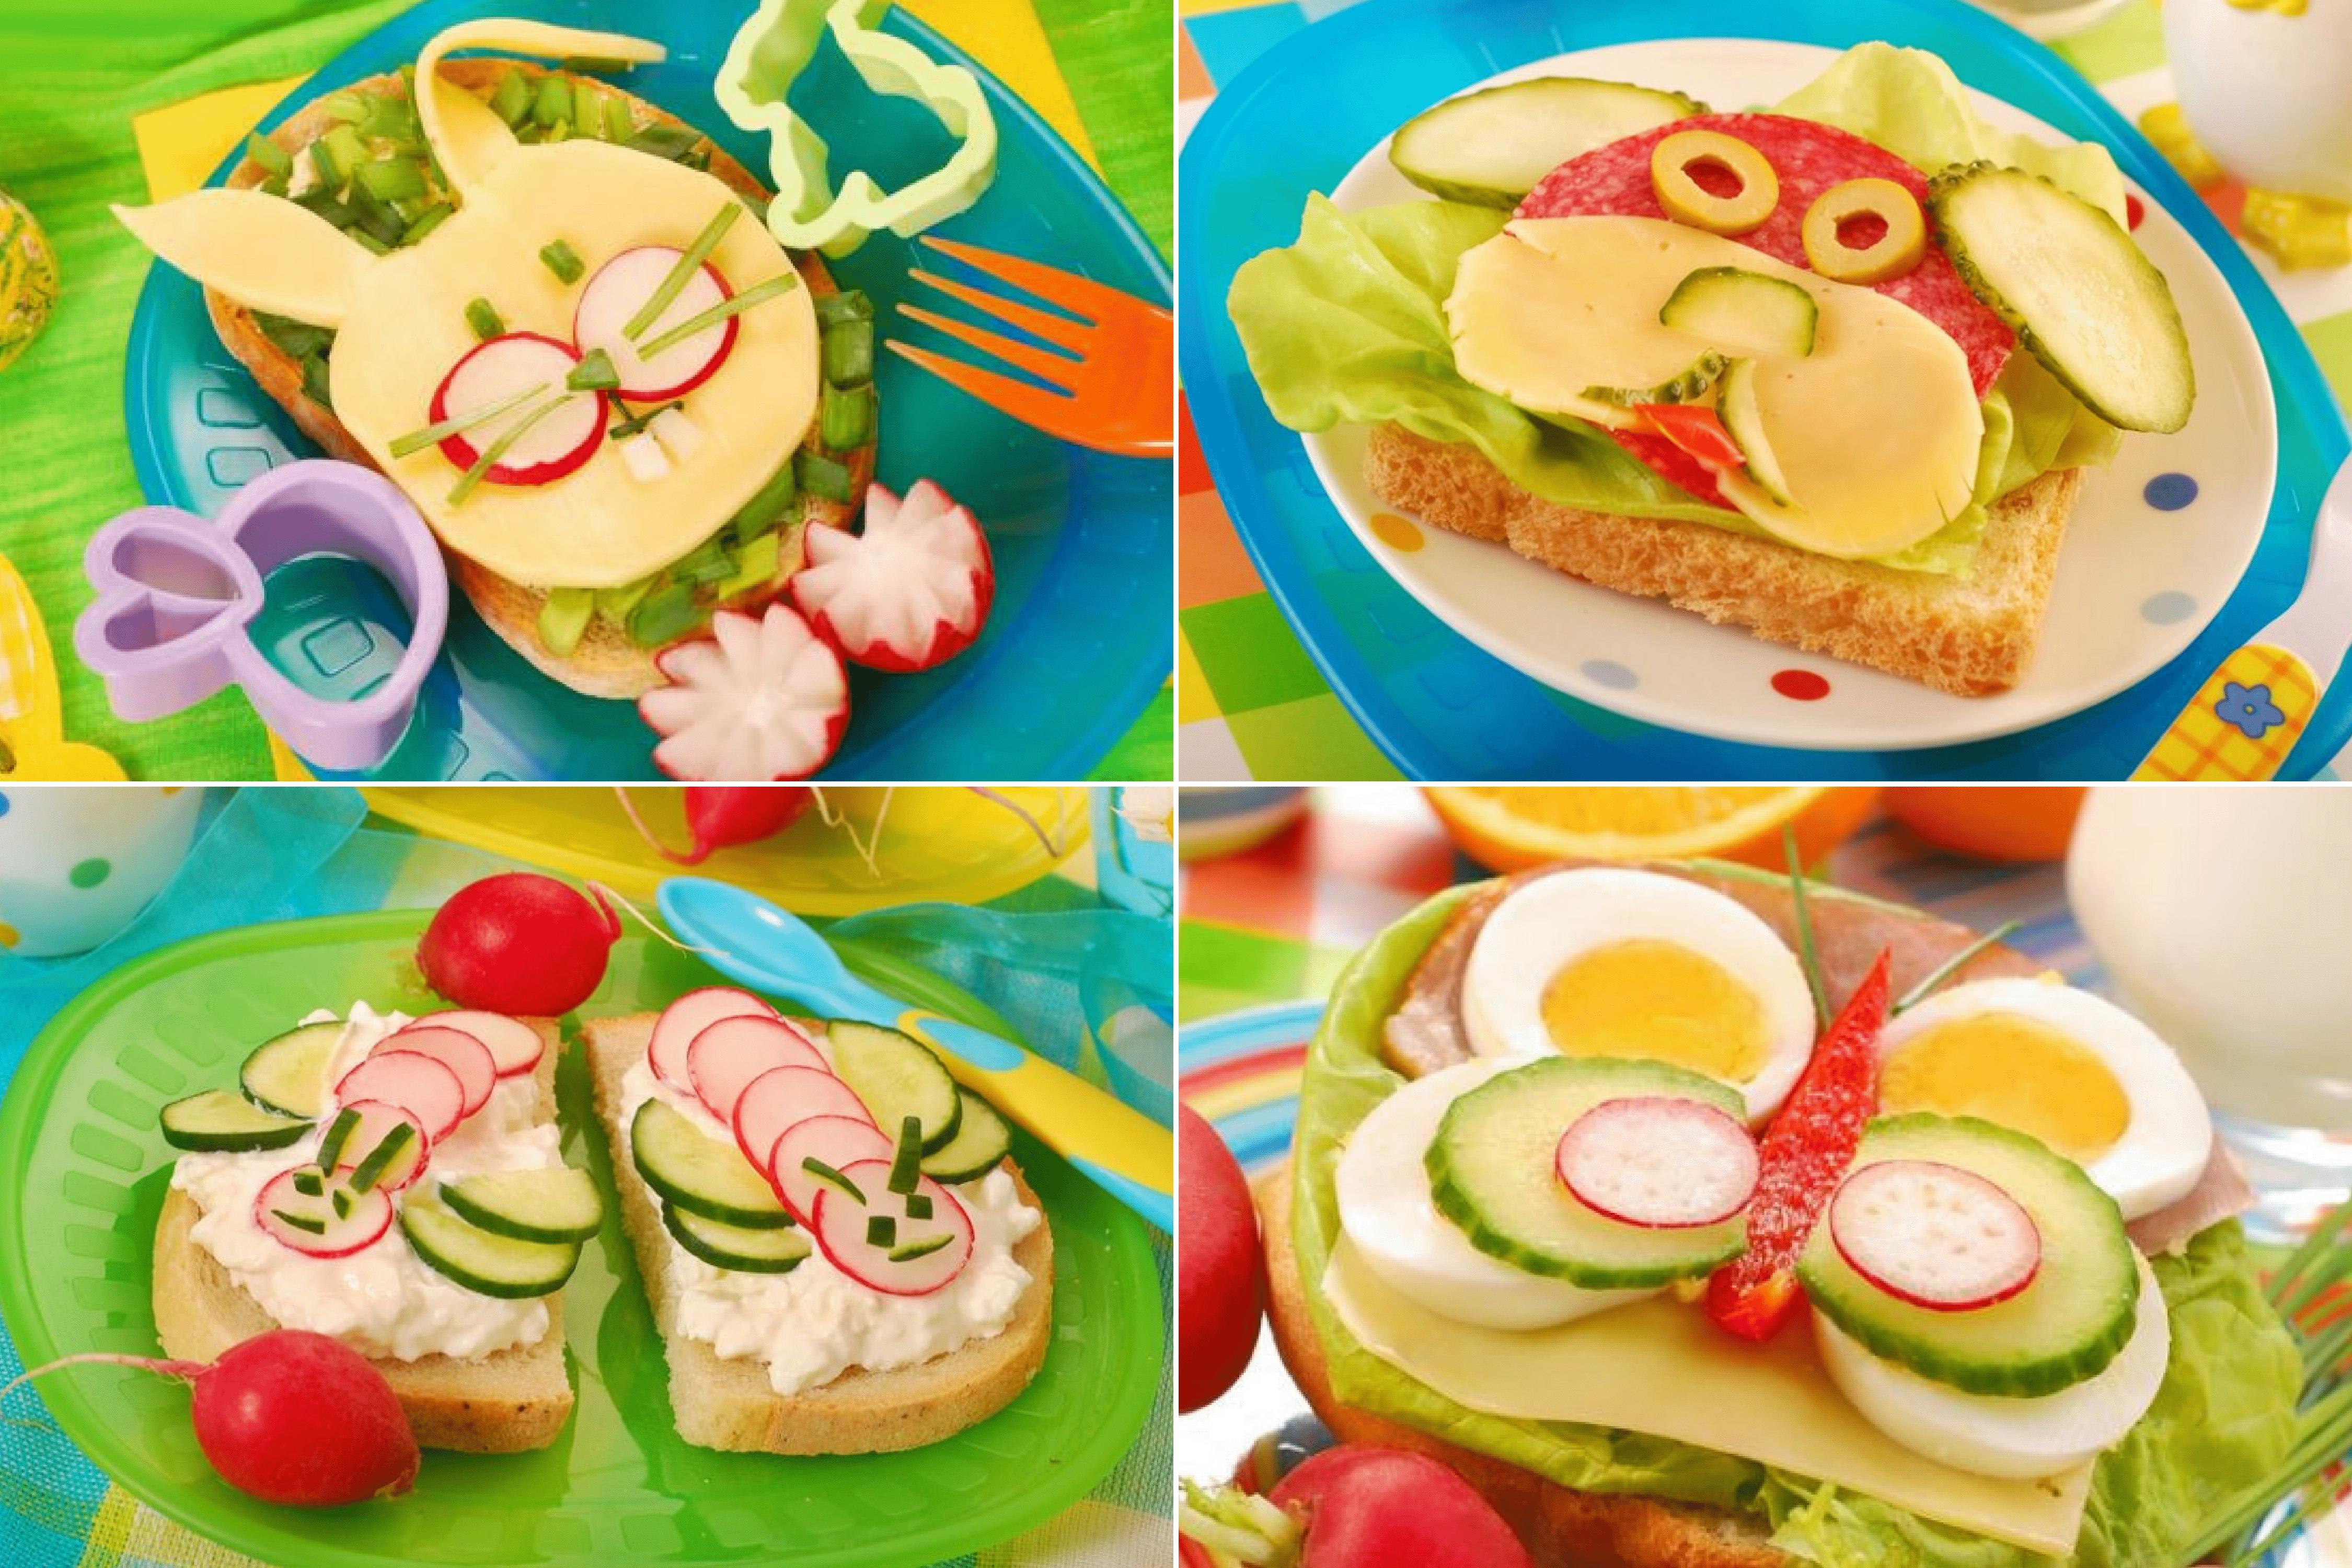 Kanapki dla dzieci, niejadki, jak zainteresować dziecko jedzeniem, ciekawe posiłki Matka Aptekarka